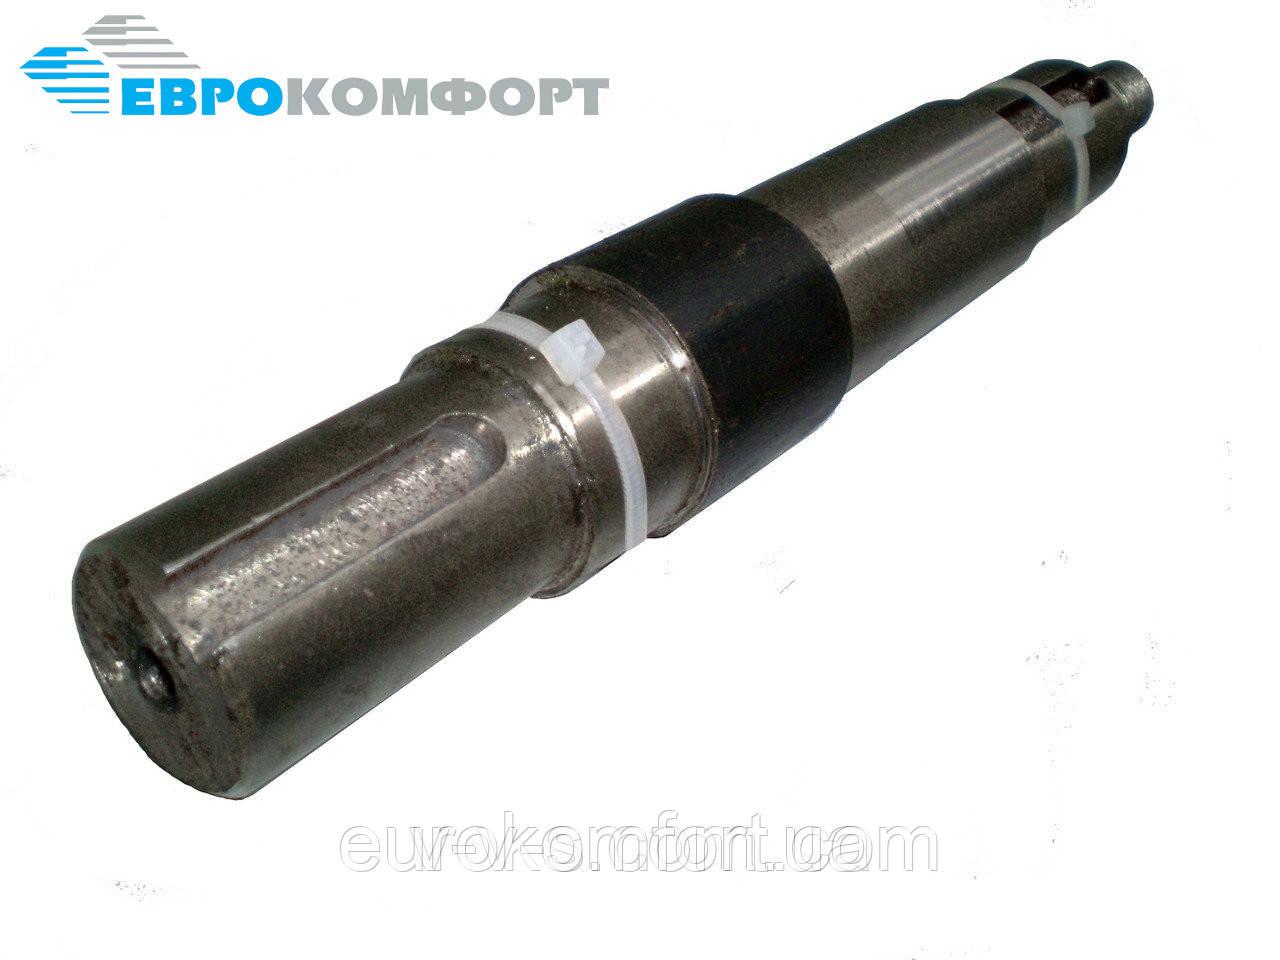 Вал корпуса привода измельчителя КМС 03.601